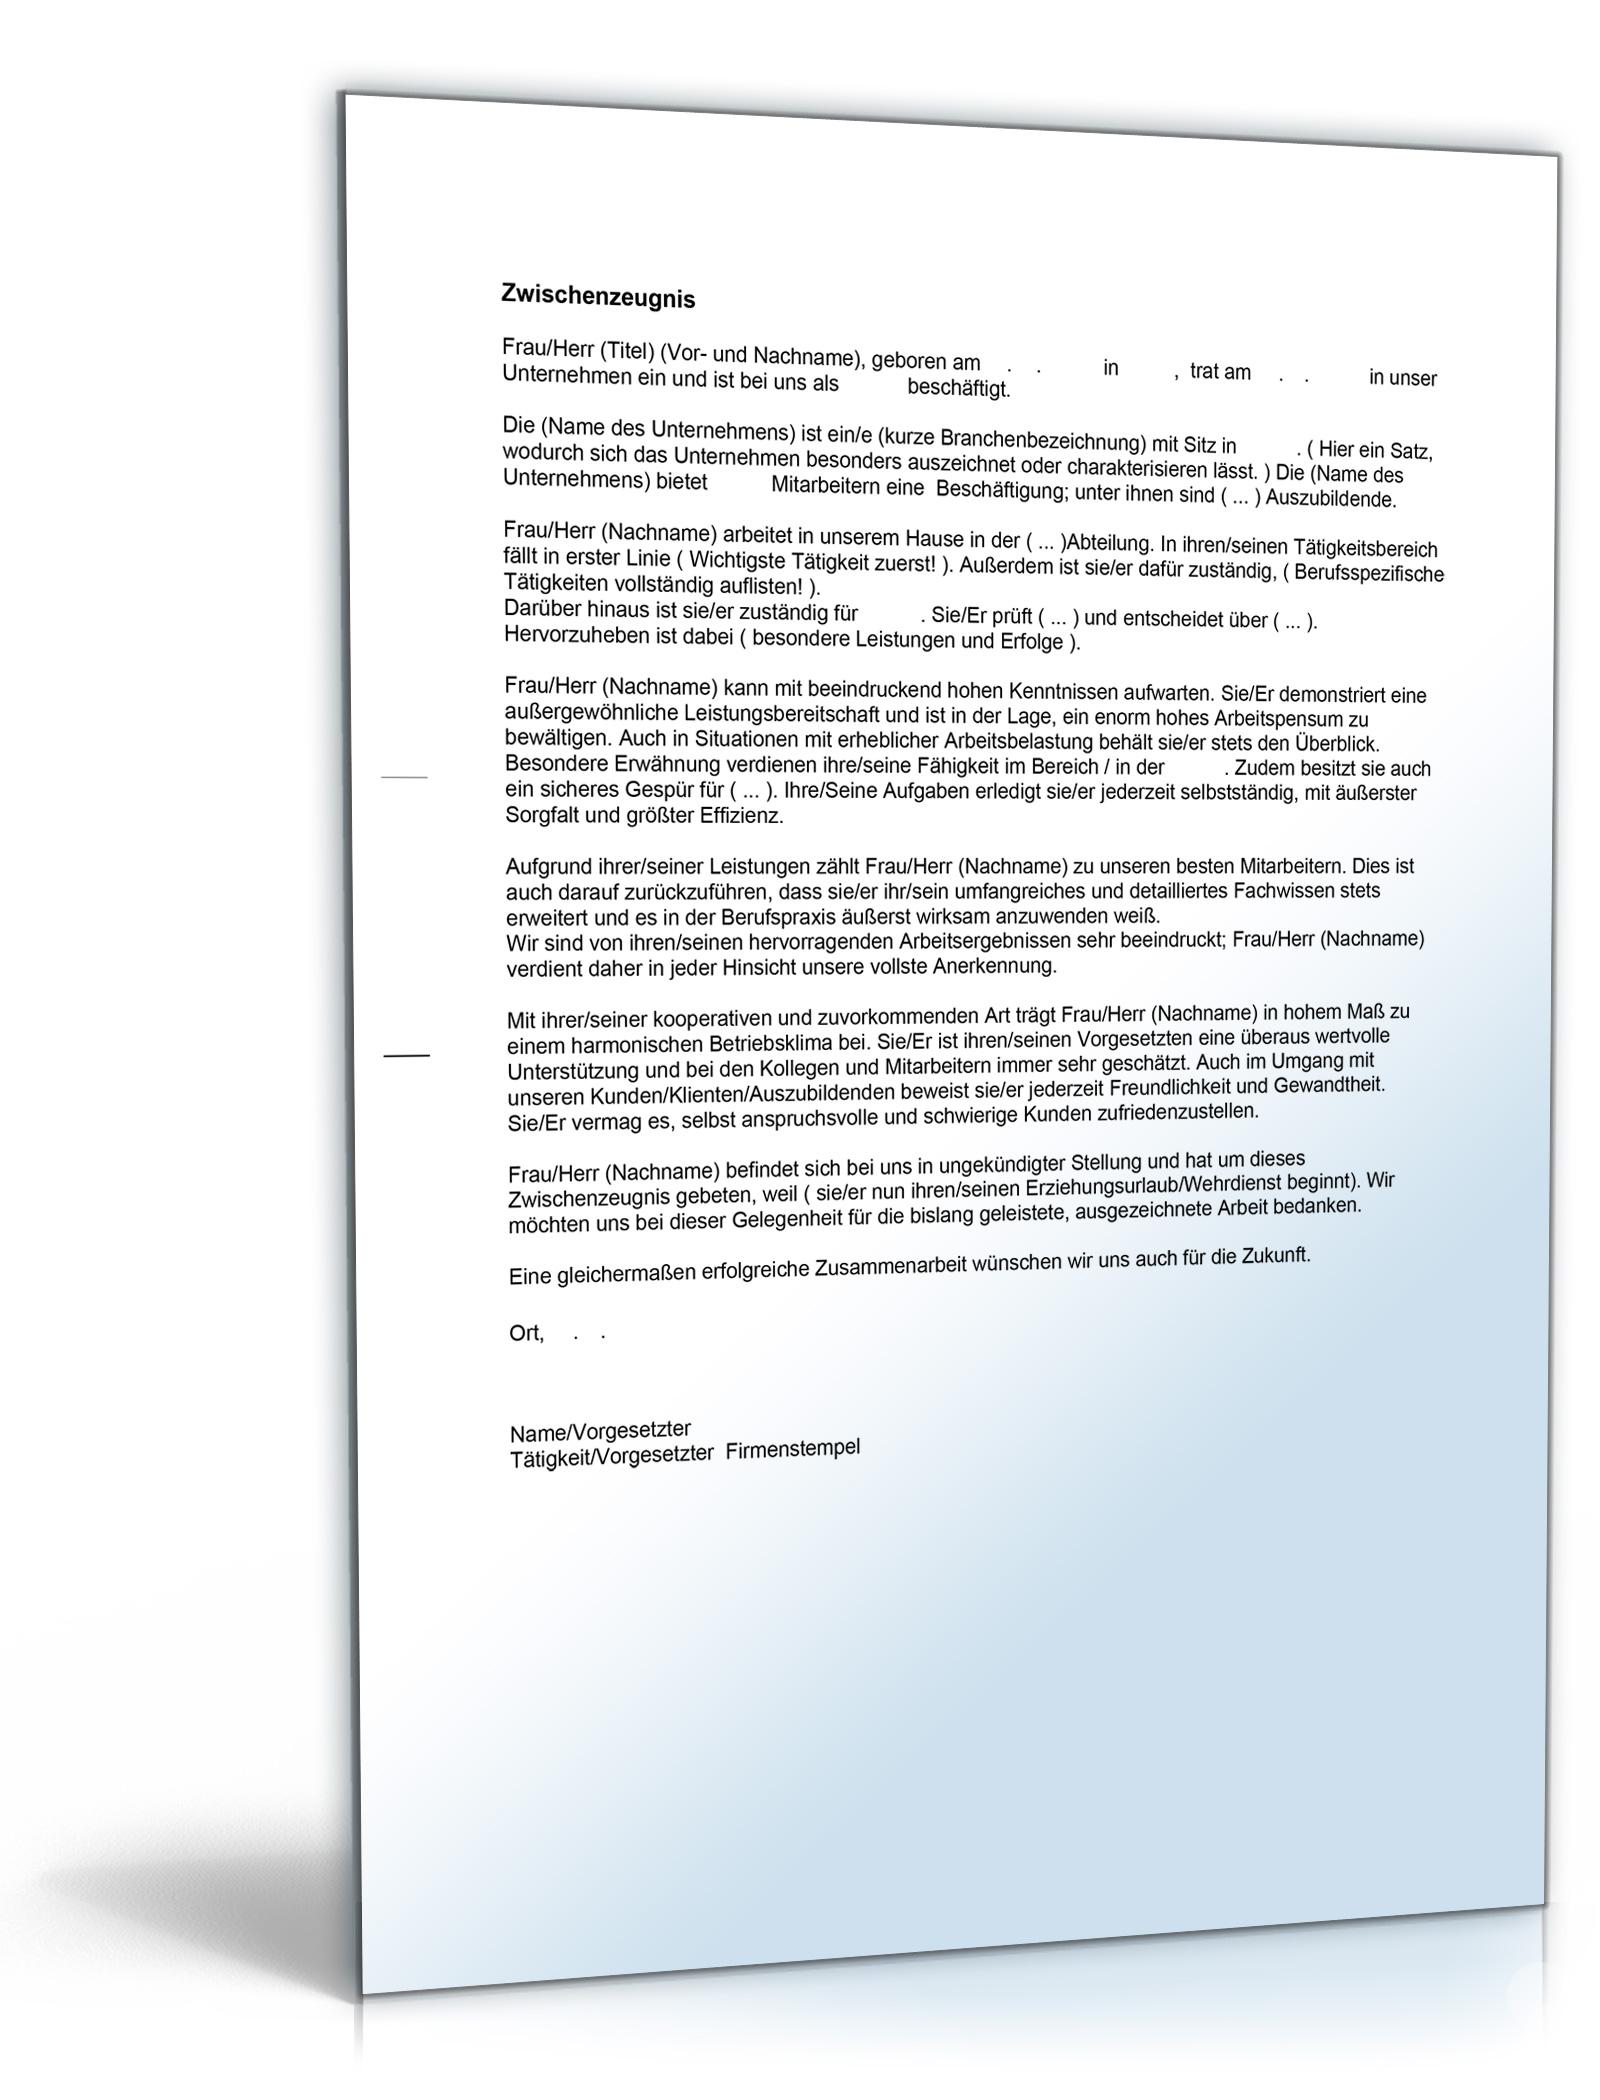 Zwischenzeugnis Note Eins Word Dokument Download Amazonde